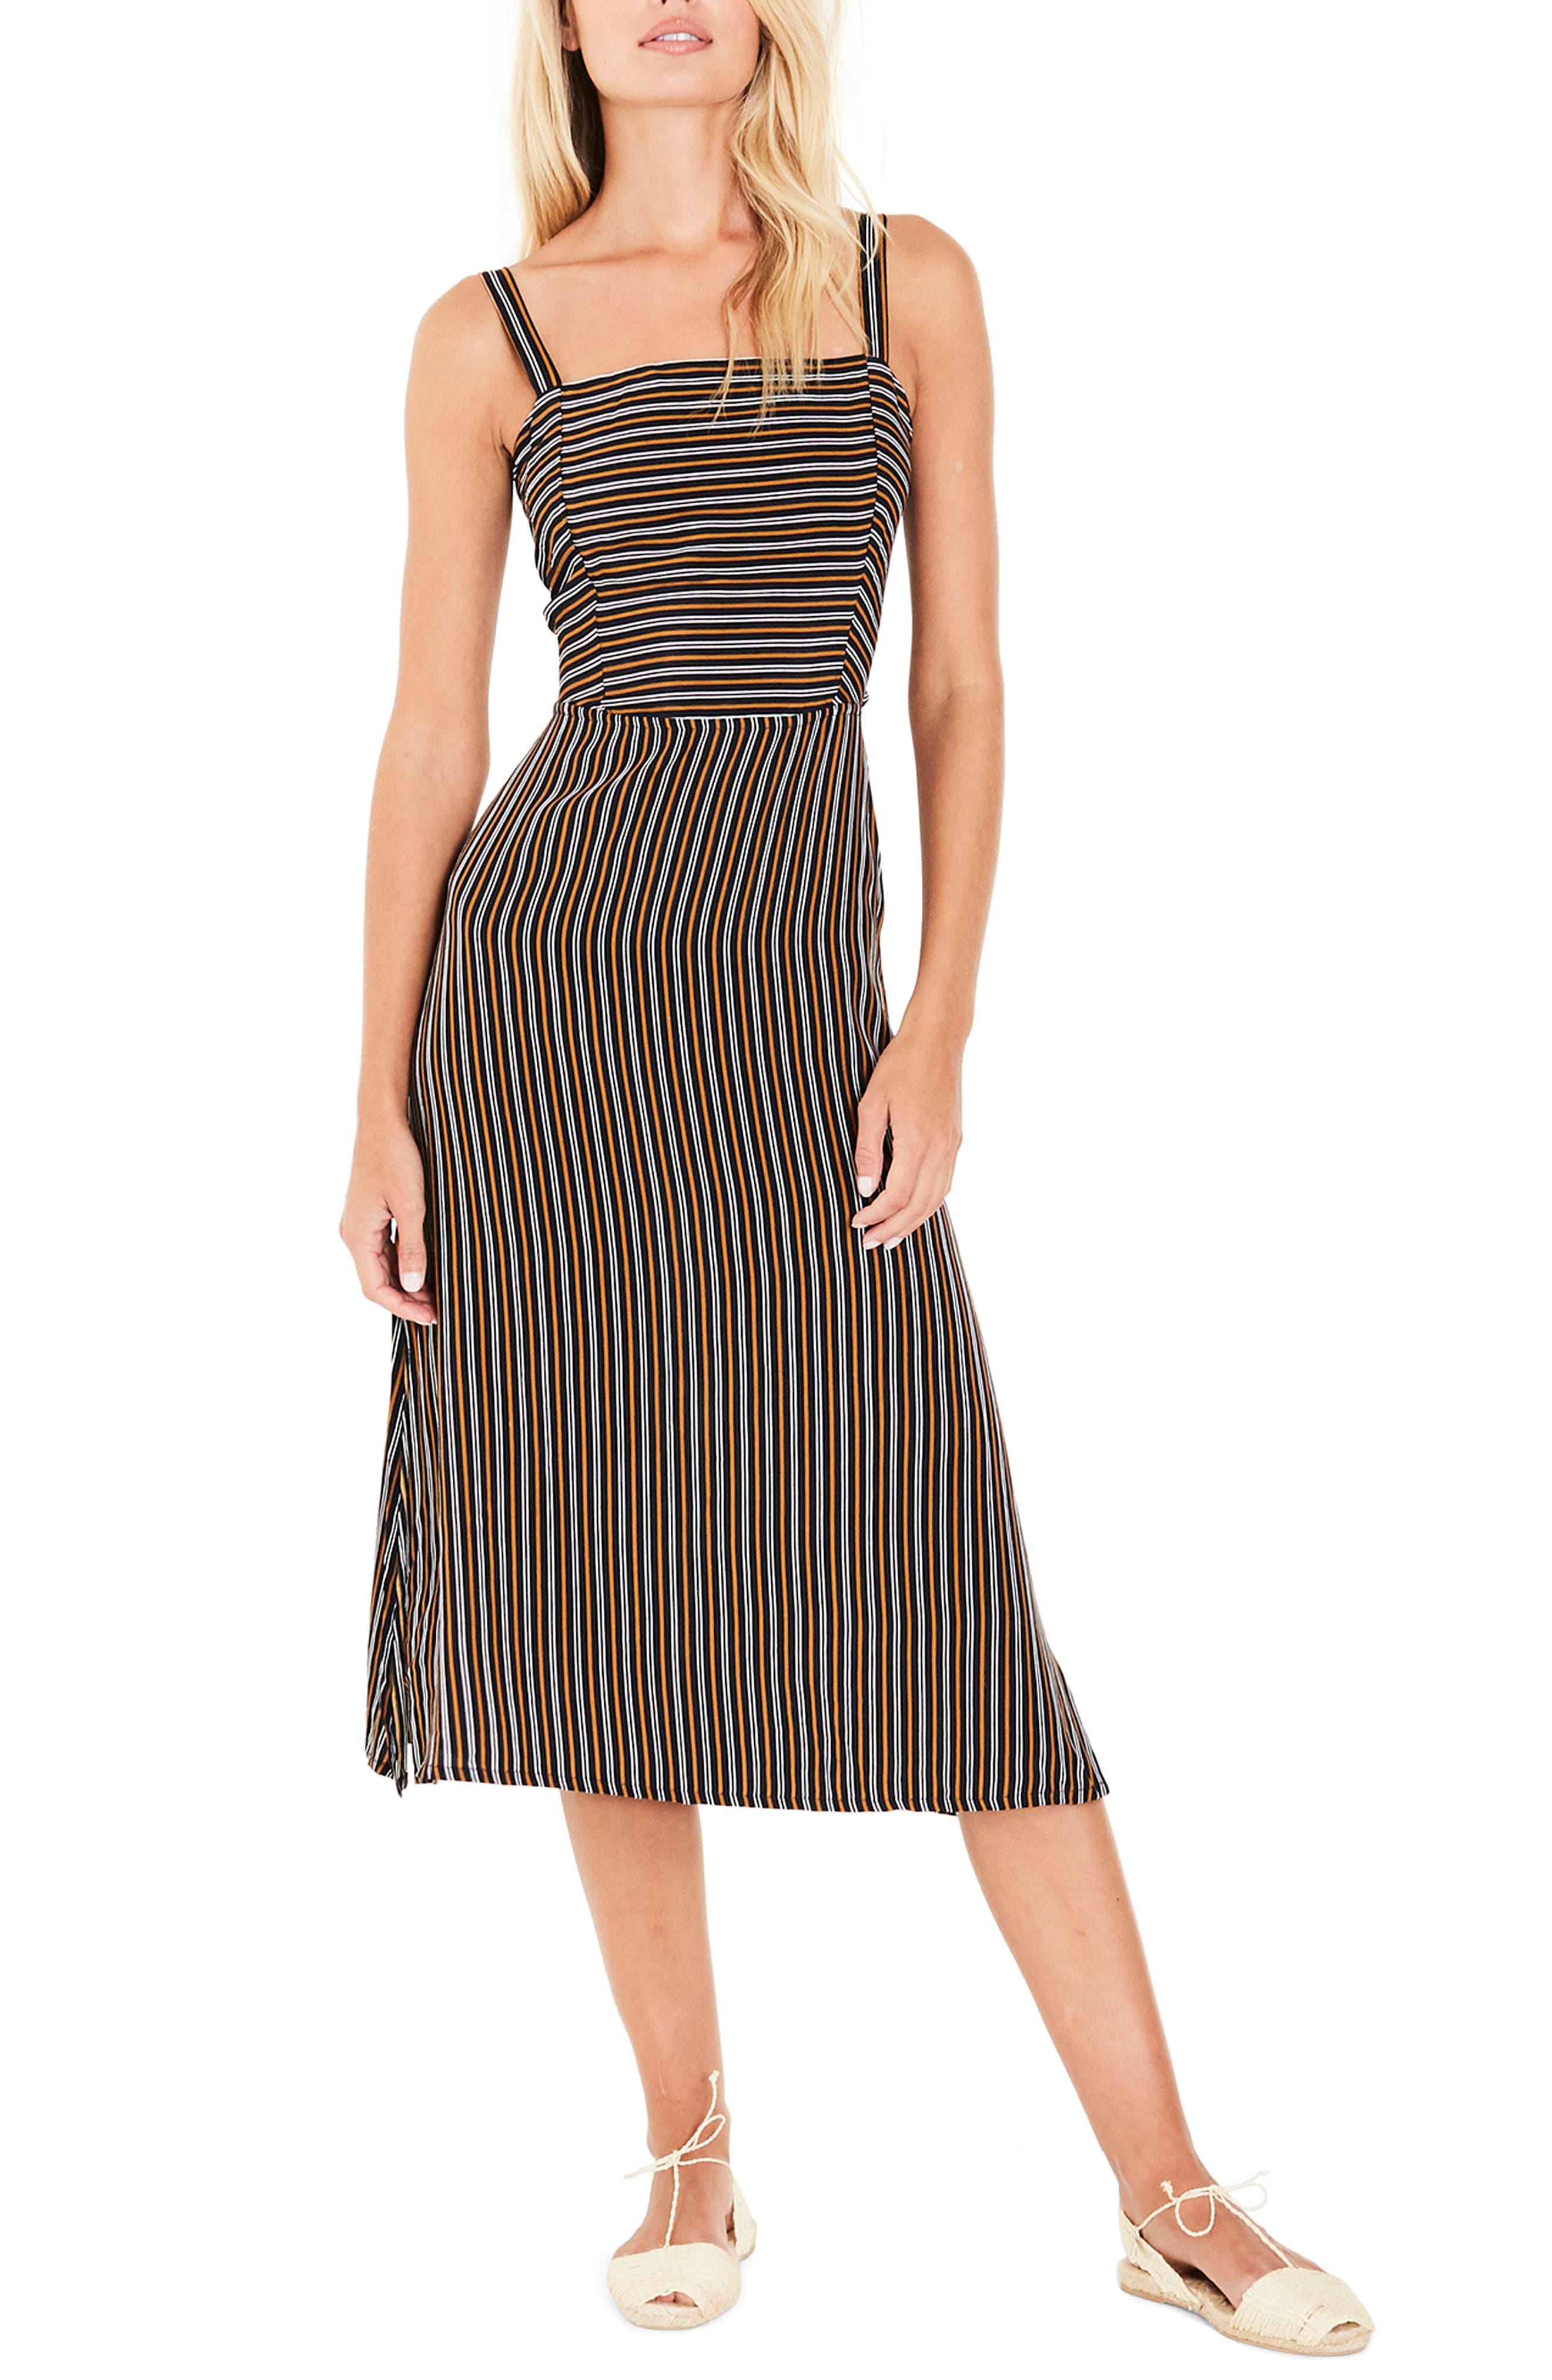 Katergo Stripe Tie Back Midi Dress,                         Main,                         color, Glasgow Stripe Print